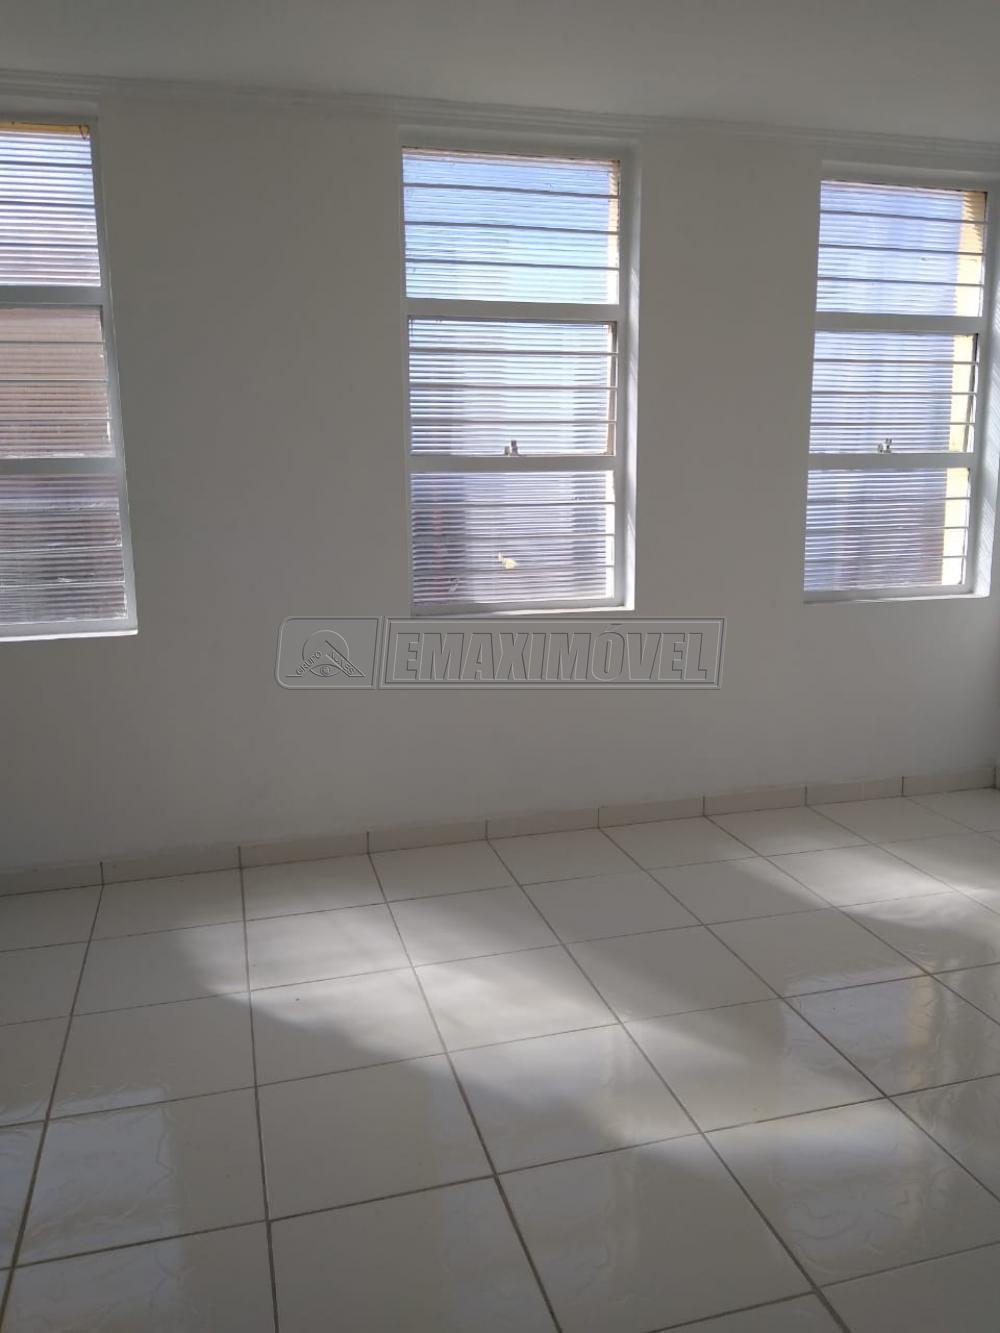 Alugar Casas / Comerciais em Sorocaba apenas R$ 1.400,00 - Foto 16